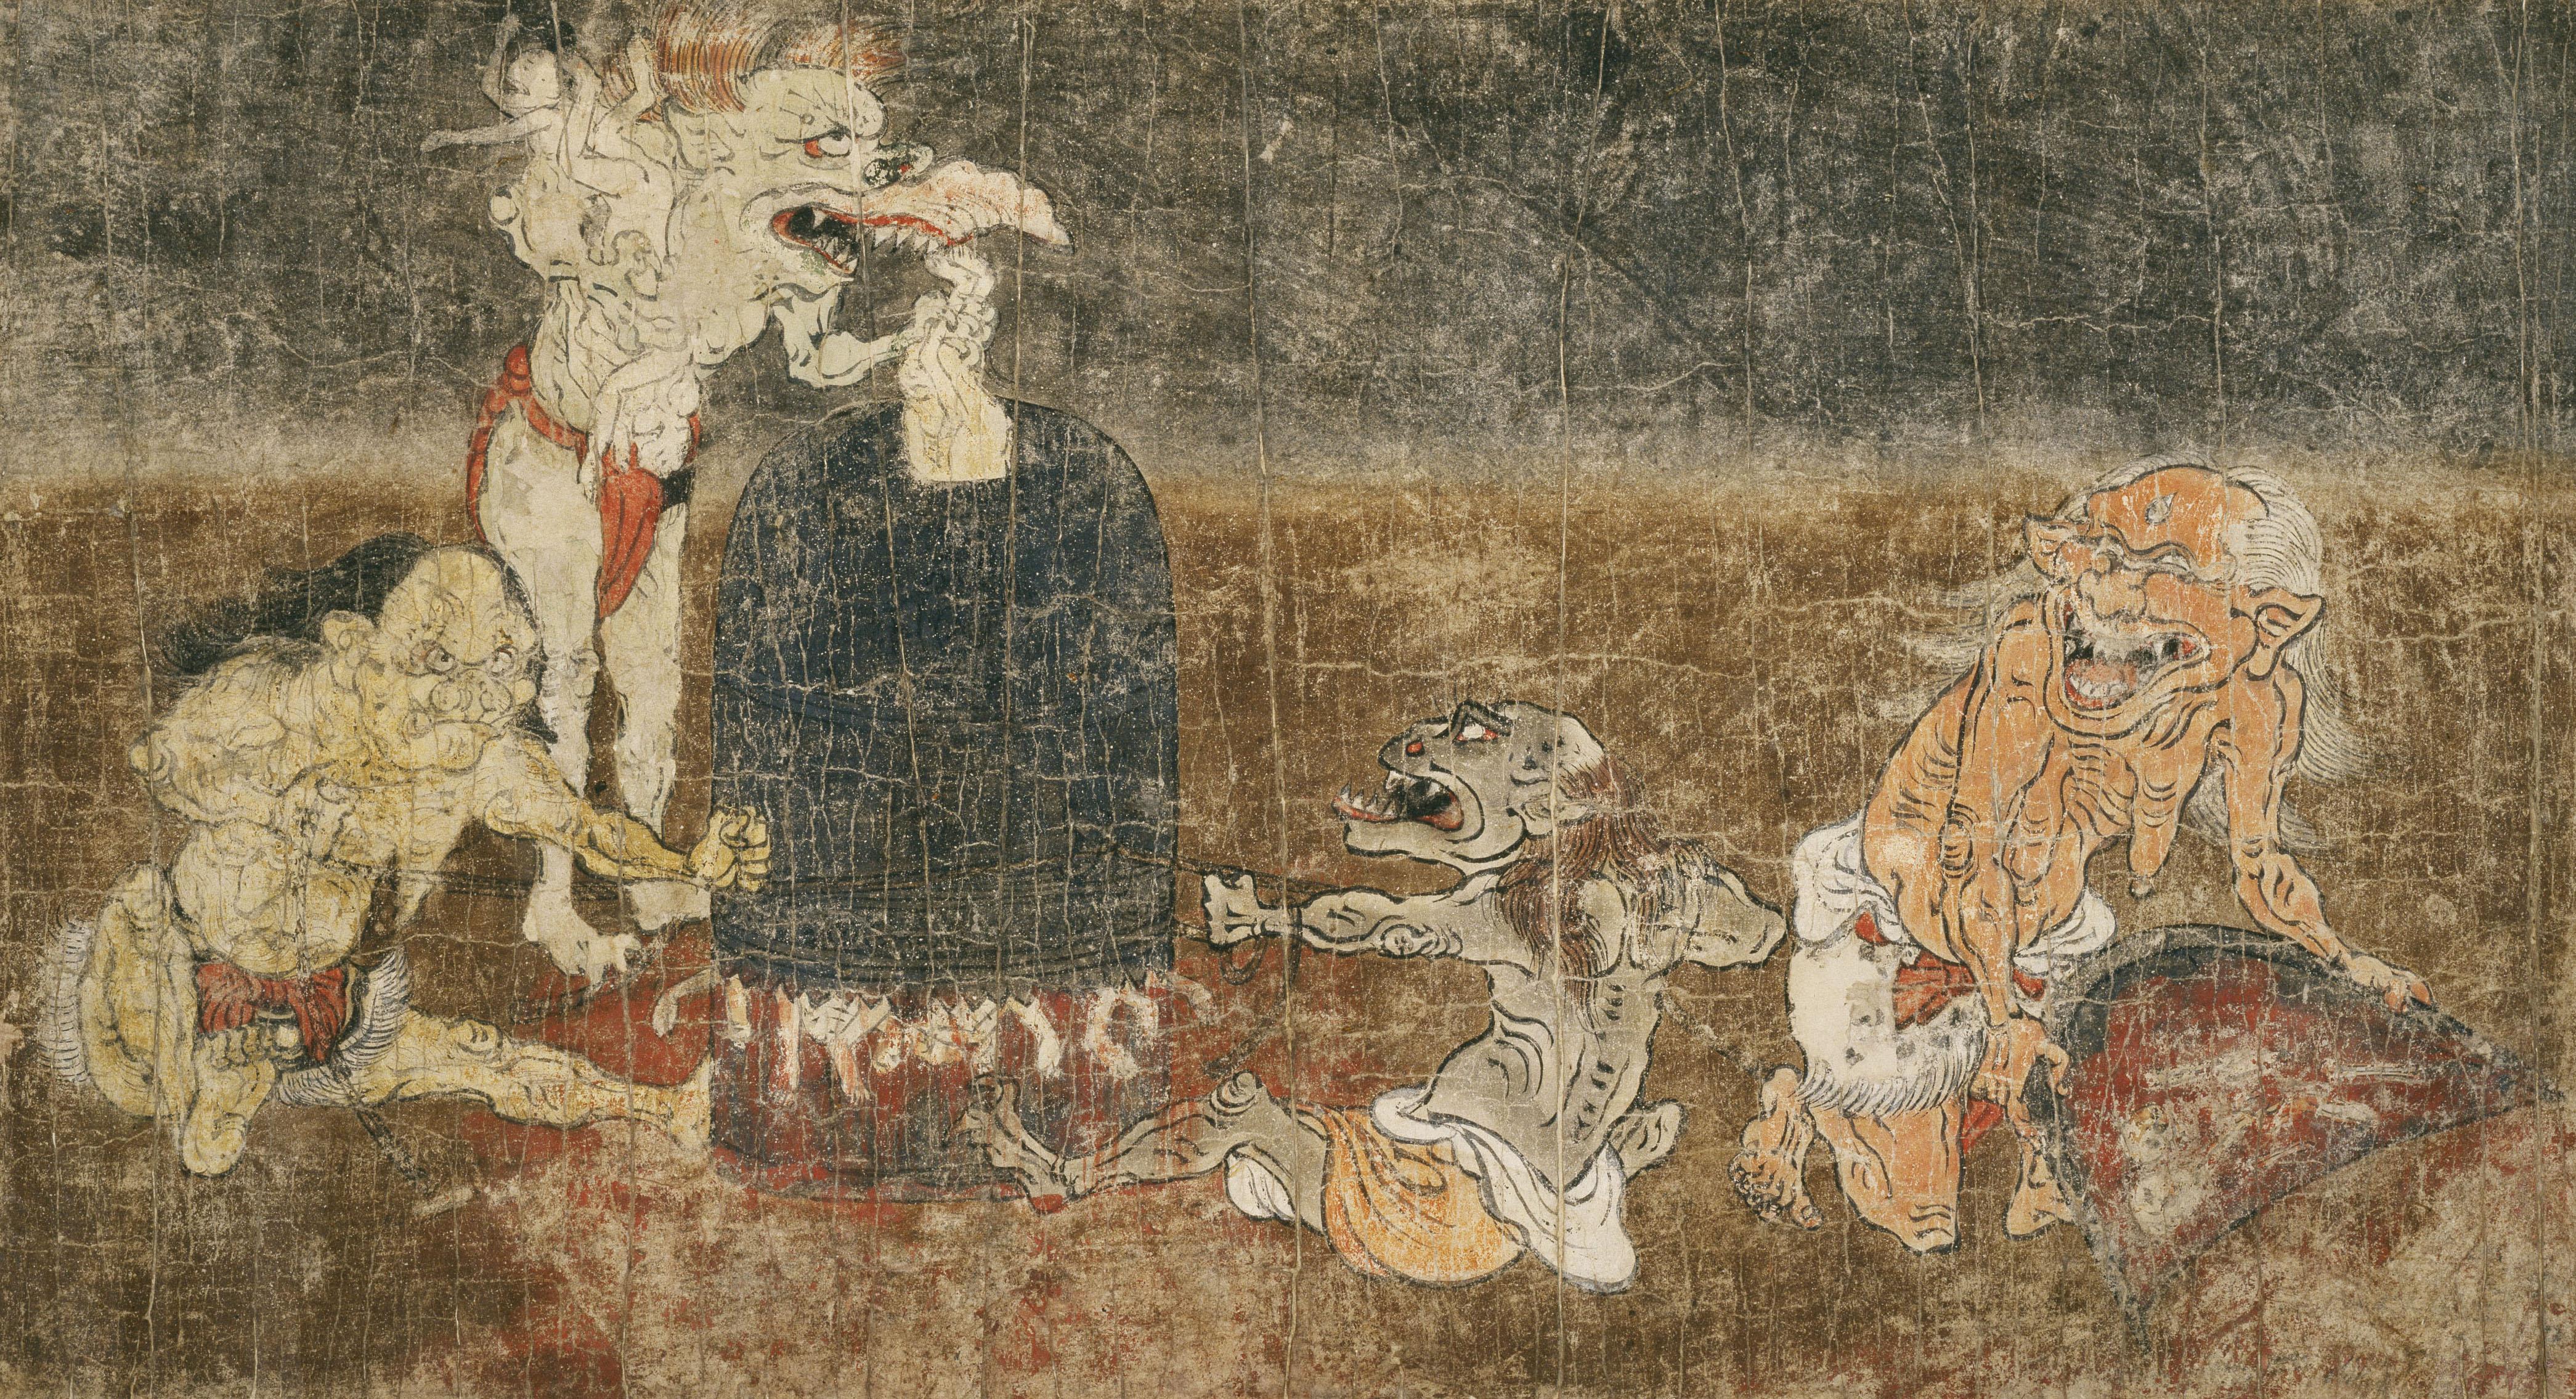 国宝《地獄草紙のうち鉄鎧所》(平安~鎌倉時代、奈良国立博物館)